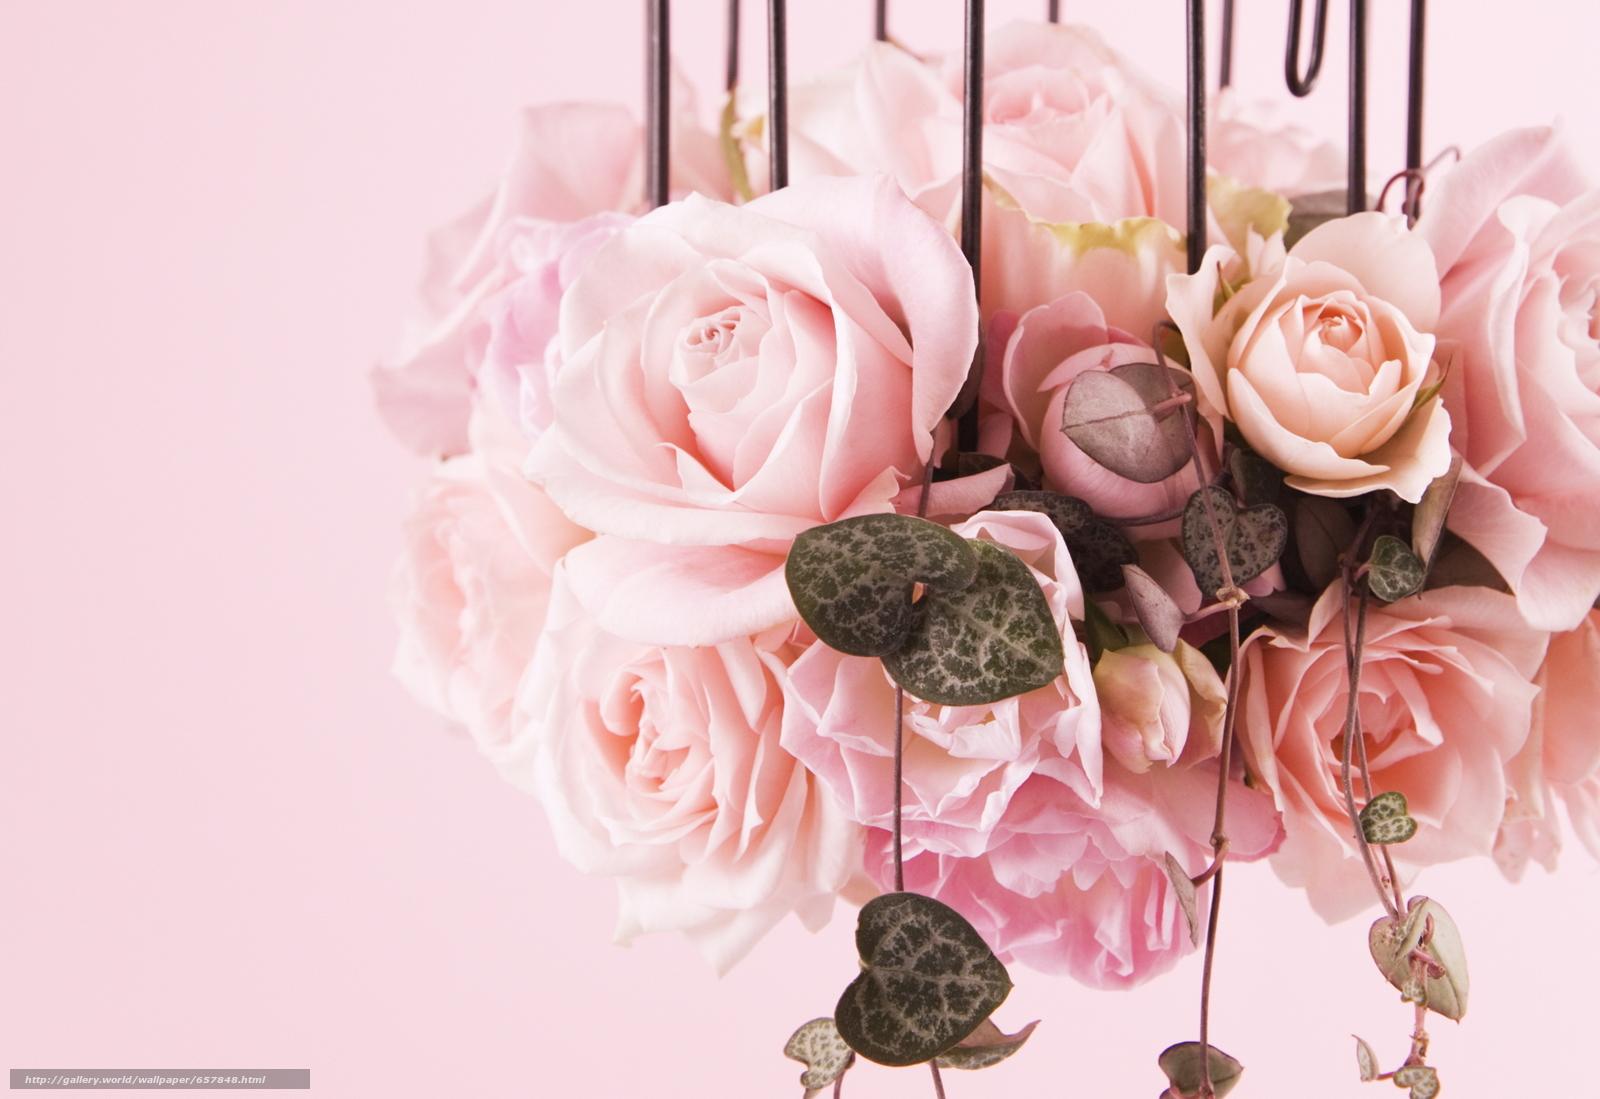 Скачать обои цветы,  цветок,  роза,  розы бесплатно для рабочего стола в разрешении 2094x1438 — картинка №657848